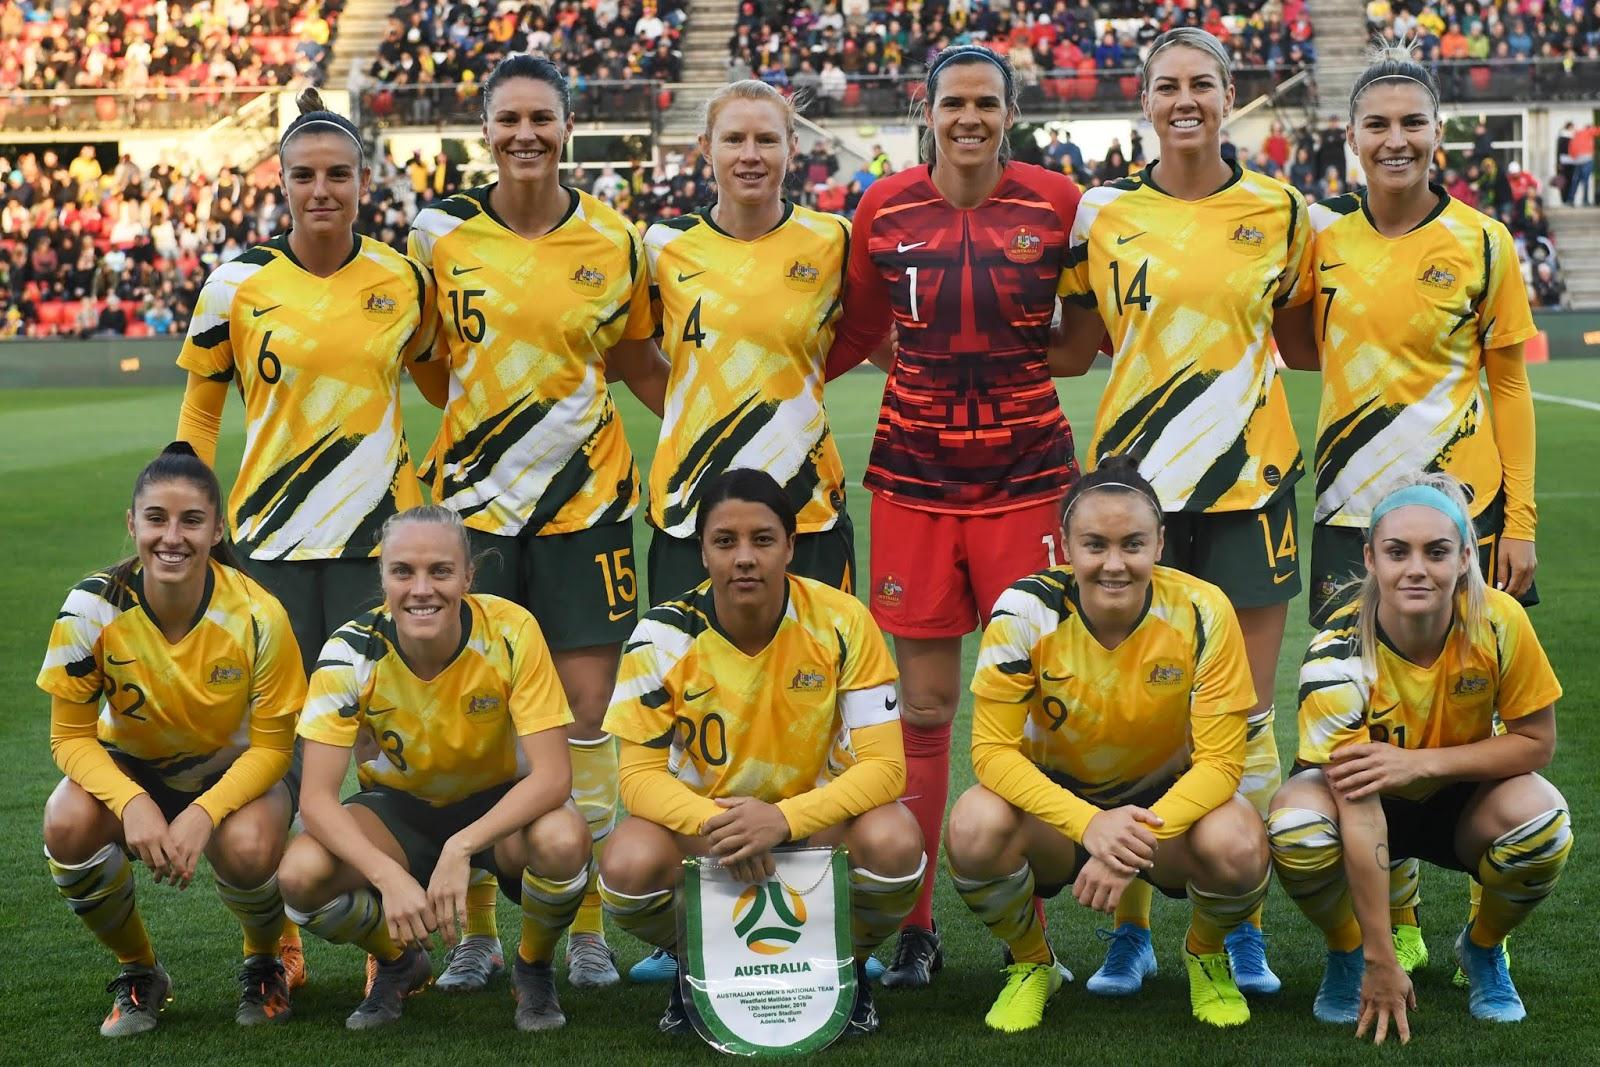 Formación de selección femenina de Australia ante Chile, amistoso disputado el 12 de noviembre de 2019